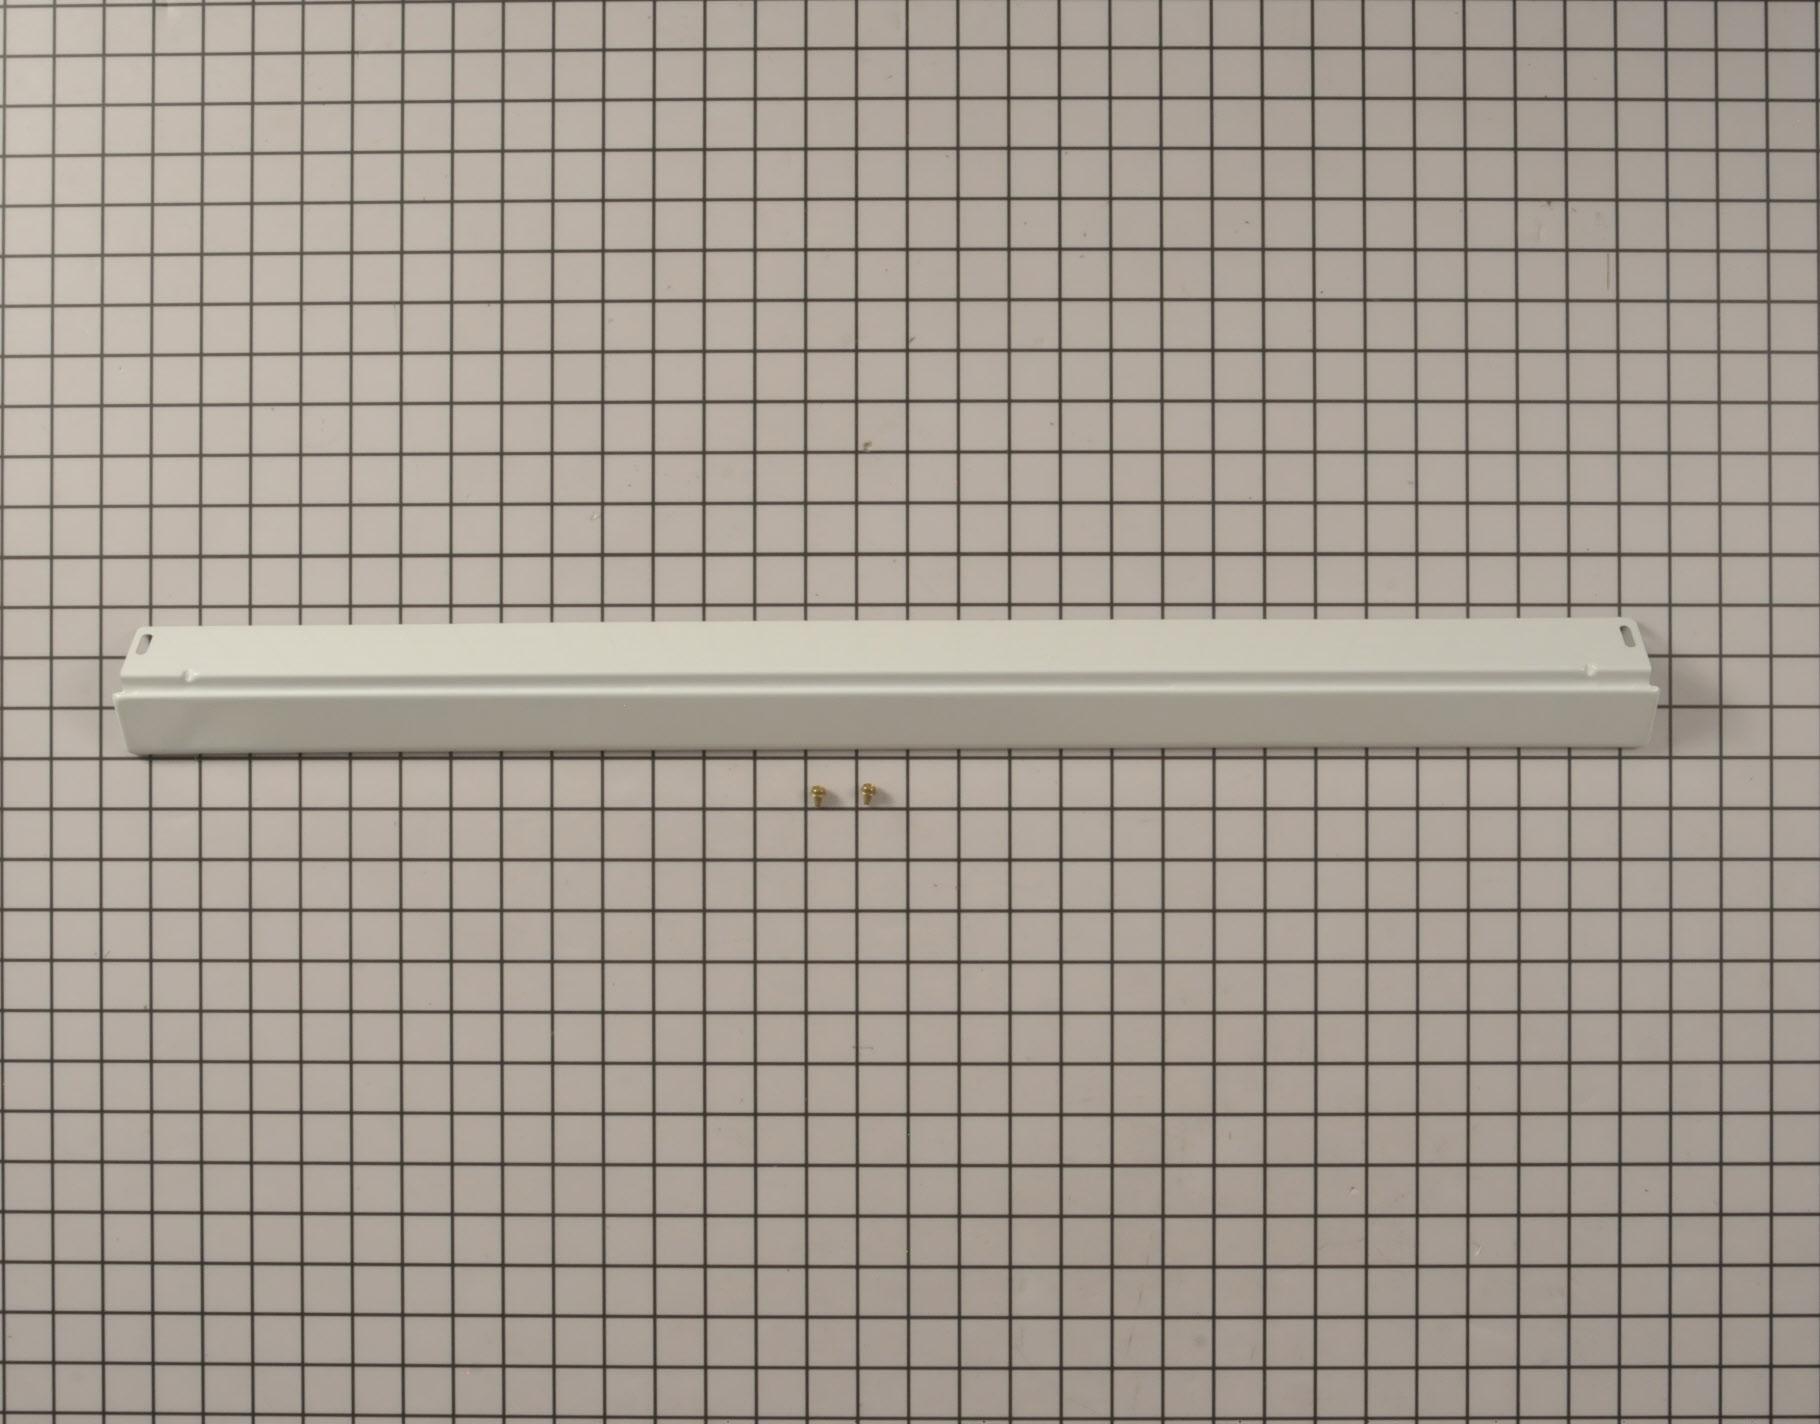 GE Range/Stove/Oven Part # WB07T10681 - Trim Piece